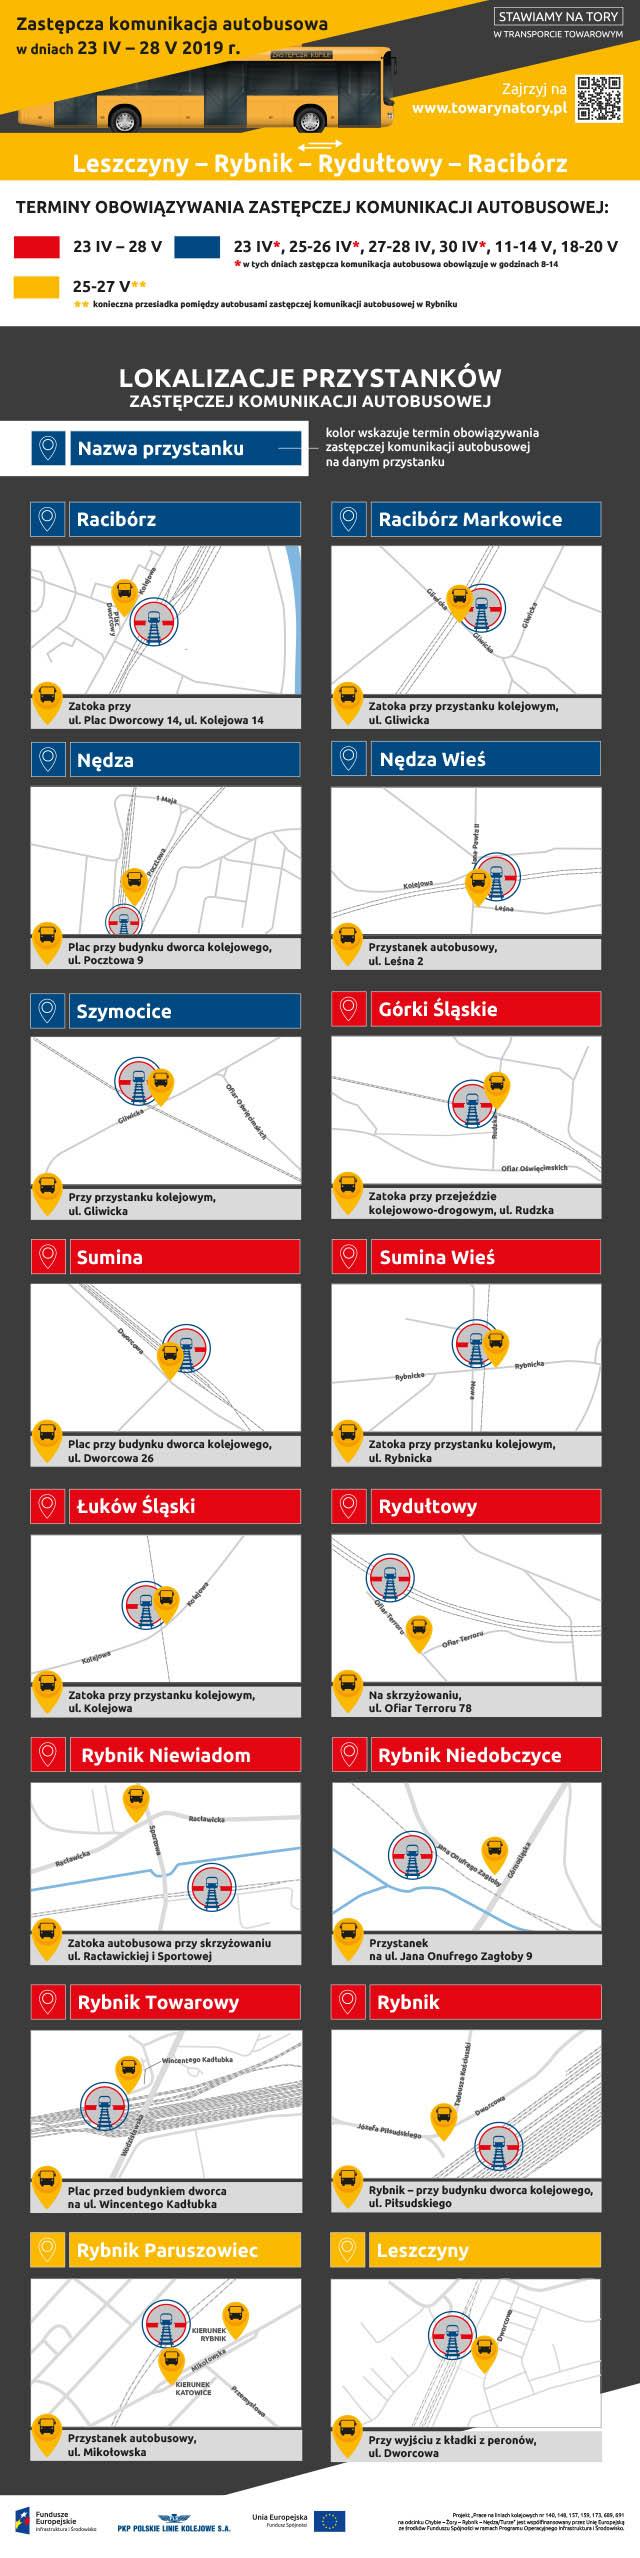 Komunikacja zastępcza - lokalizacje przystanków